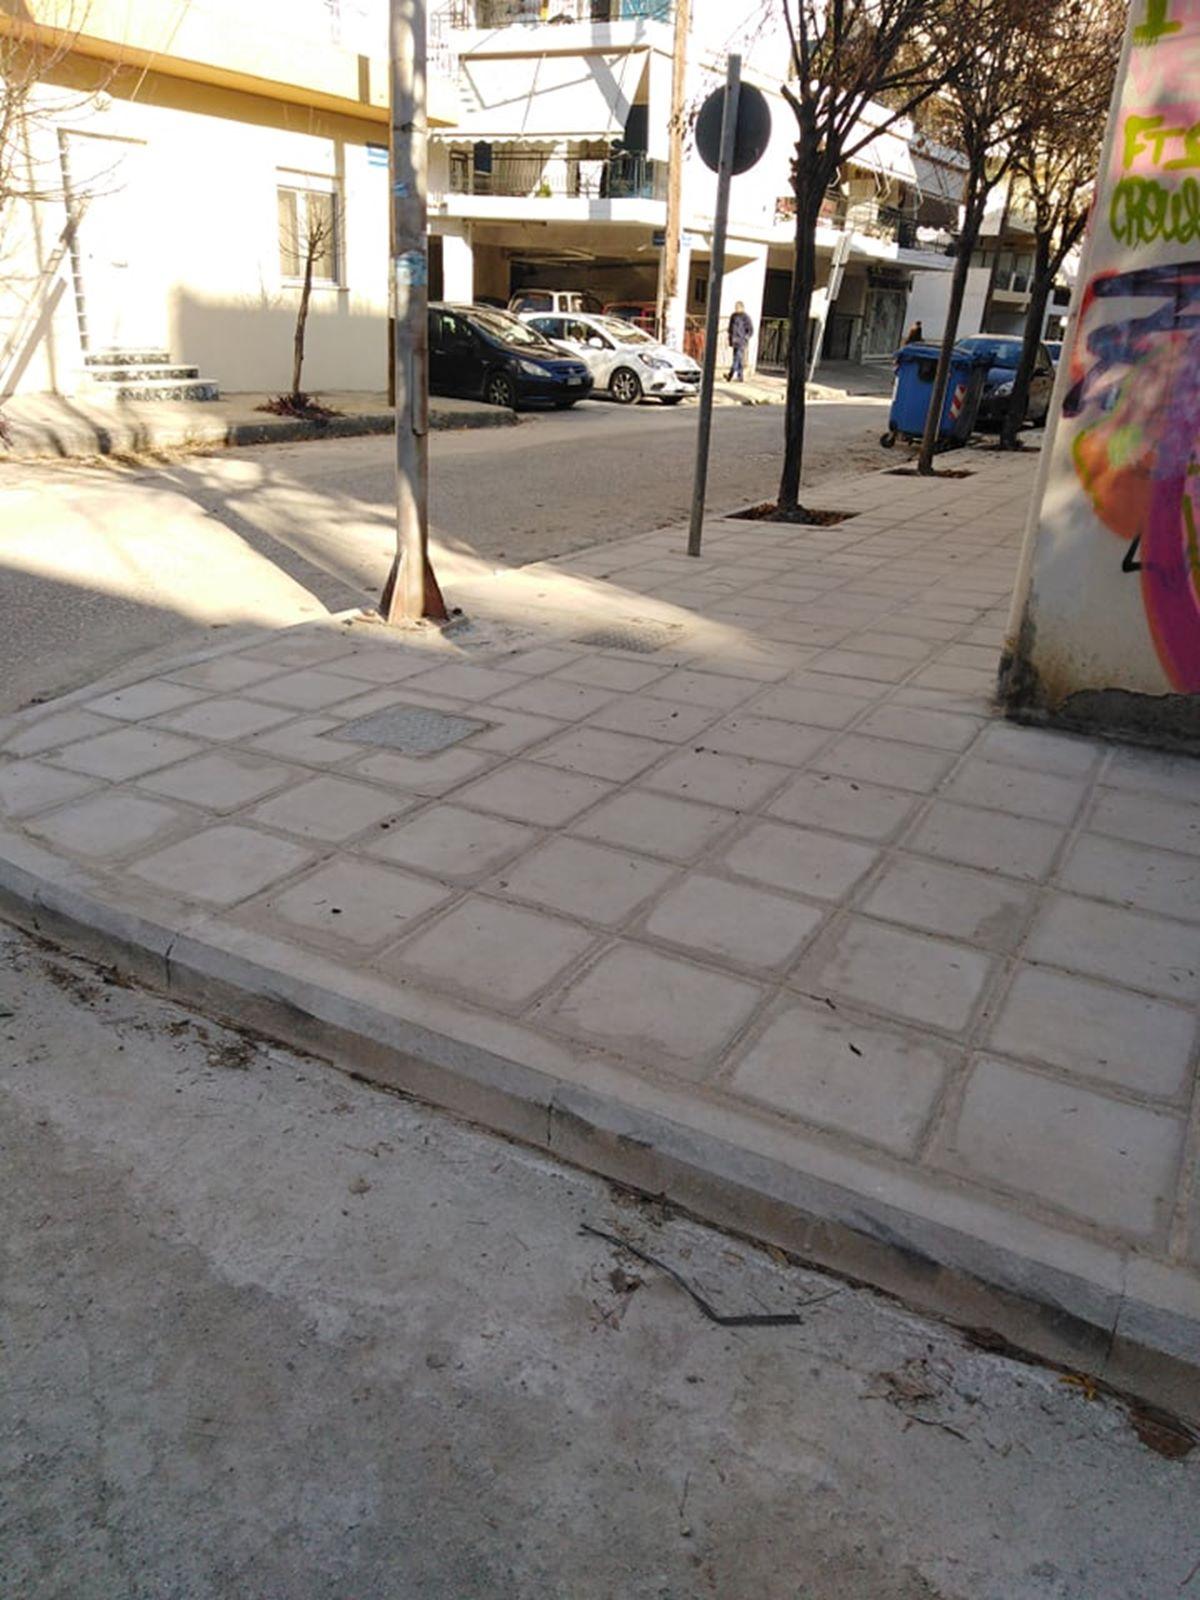 Νέα πεζοδρόμια στο σχολικό συγκρότημα του Αγίου Αντωνίου στη Λάρισα